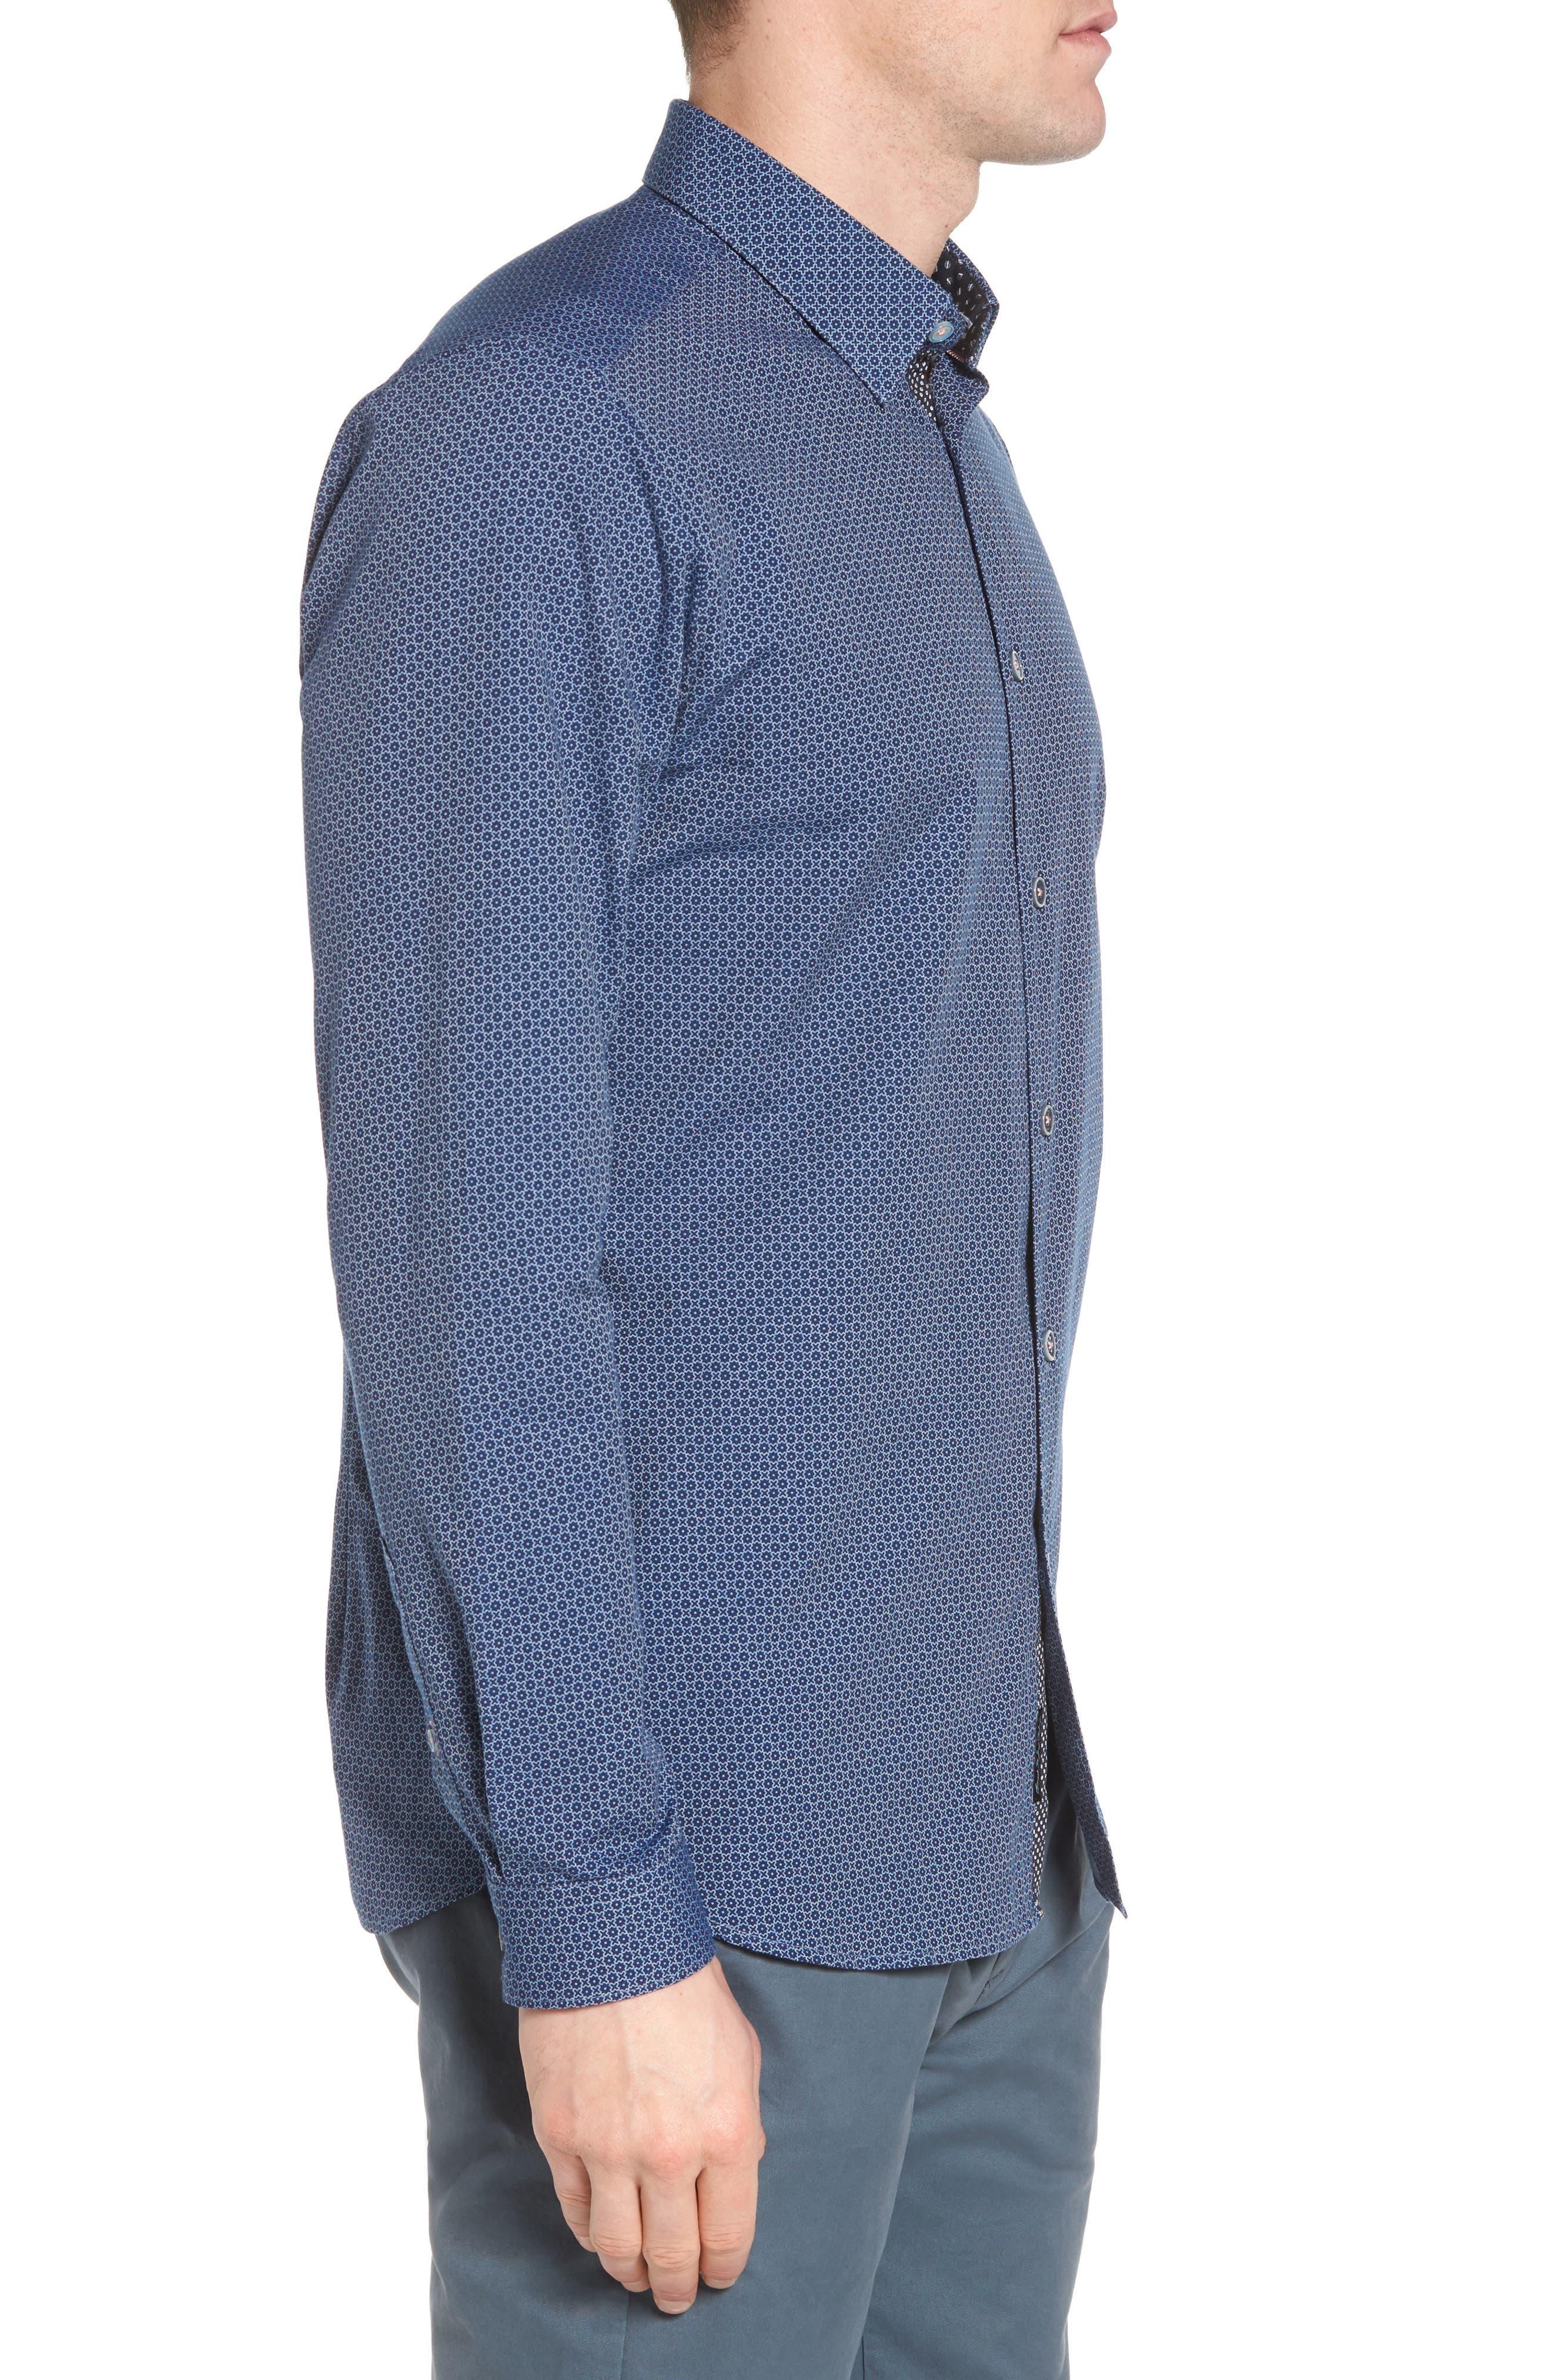 Holic Trim Fit Geometric Sport Shirt,                             Alternate thumbnail 3, color,                             421